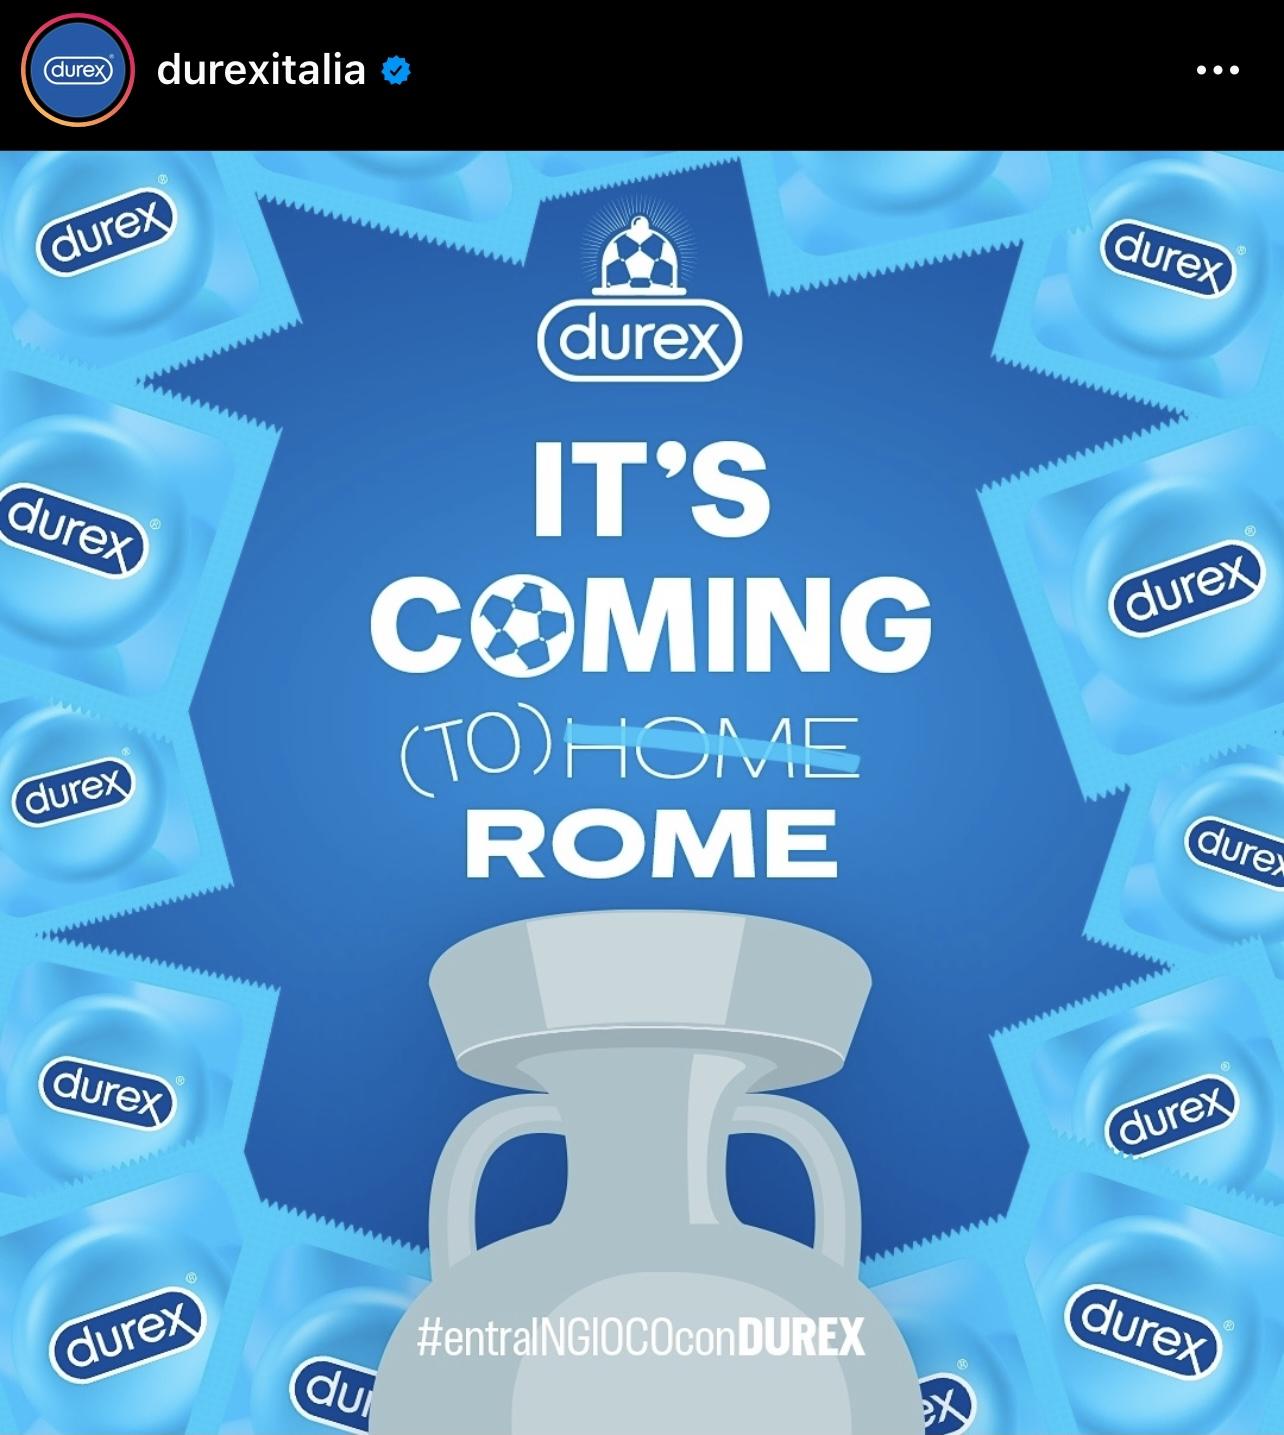 Italia Durex